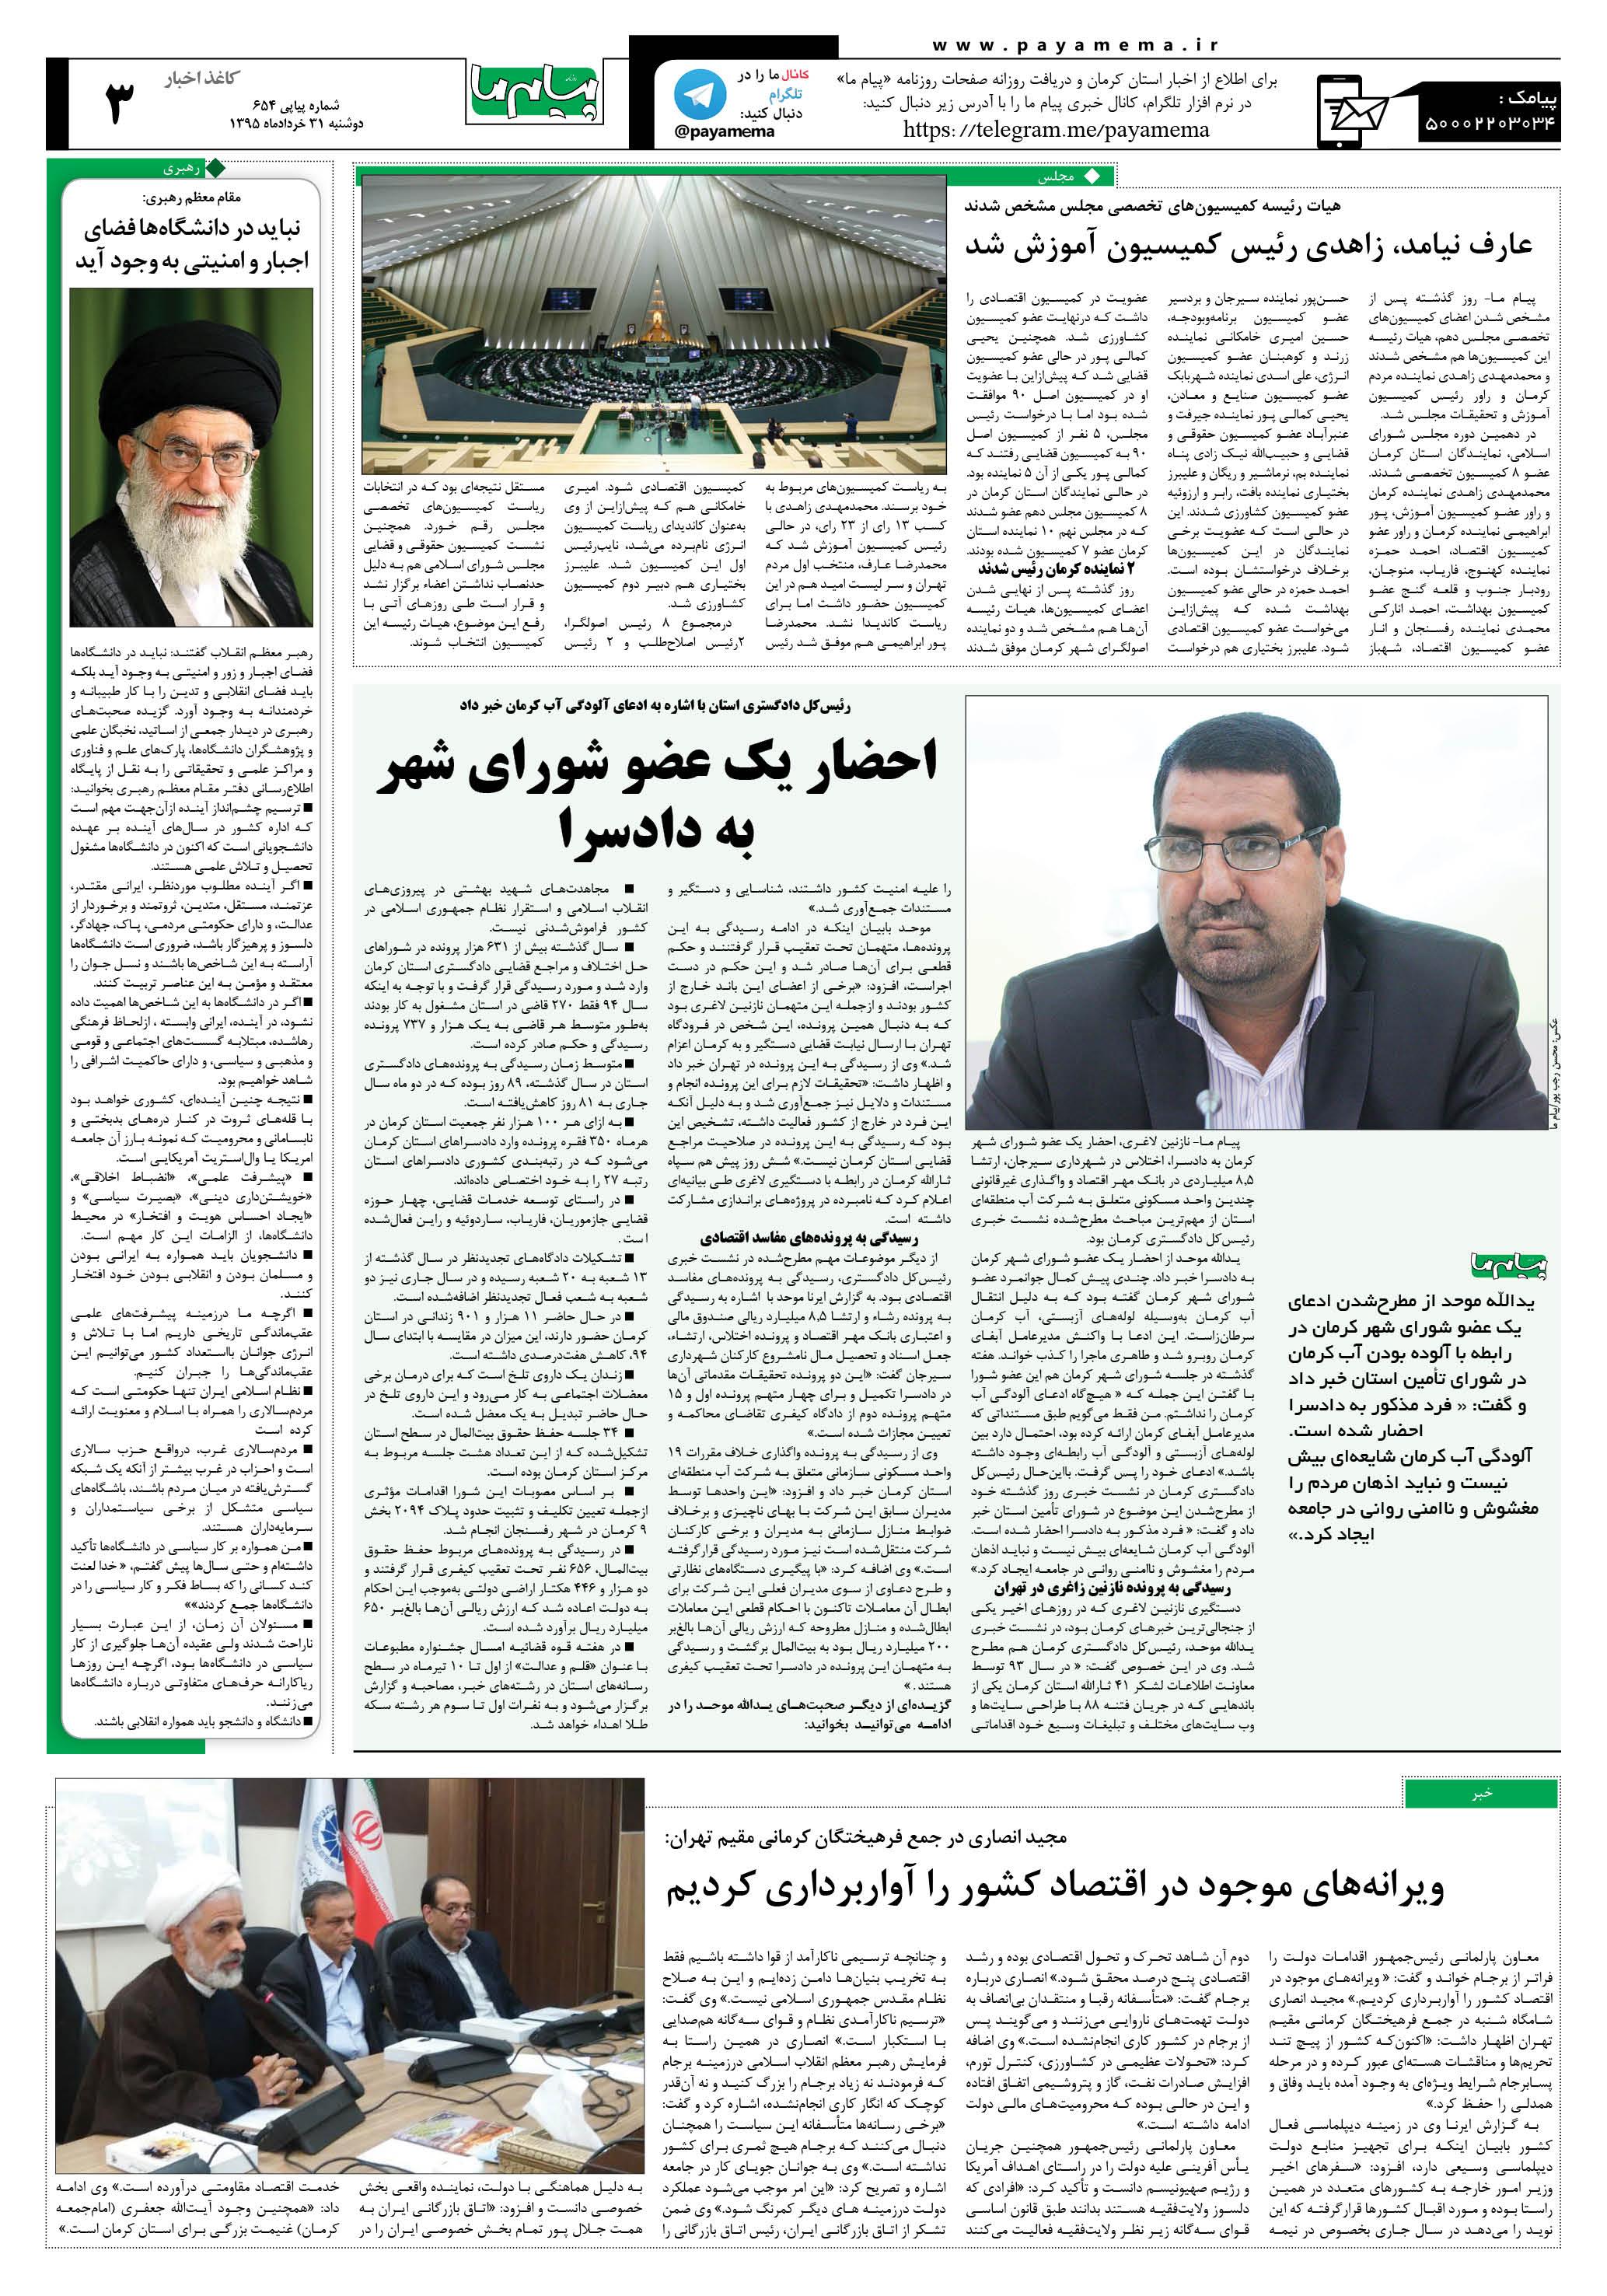 حکم توقیف خودرو 654 - روزنامه پیام ما کرمان